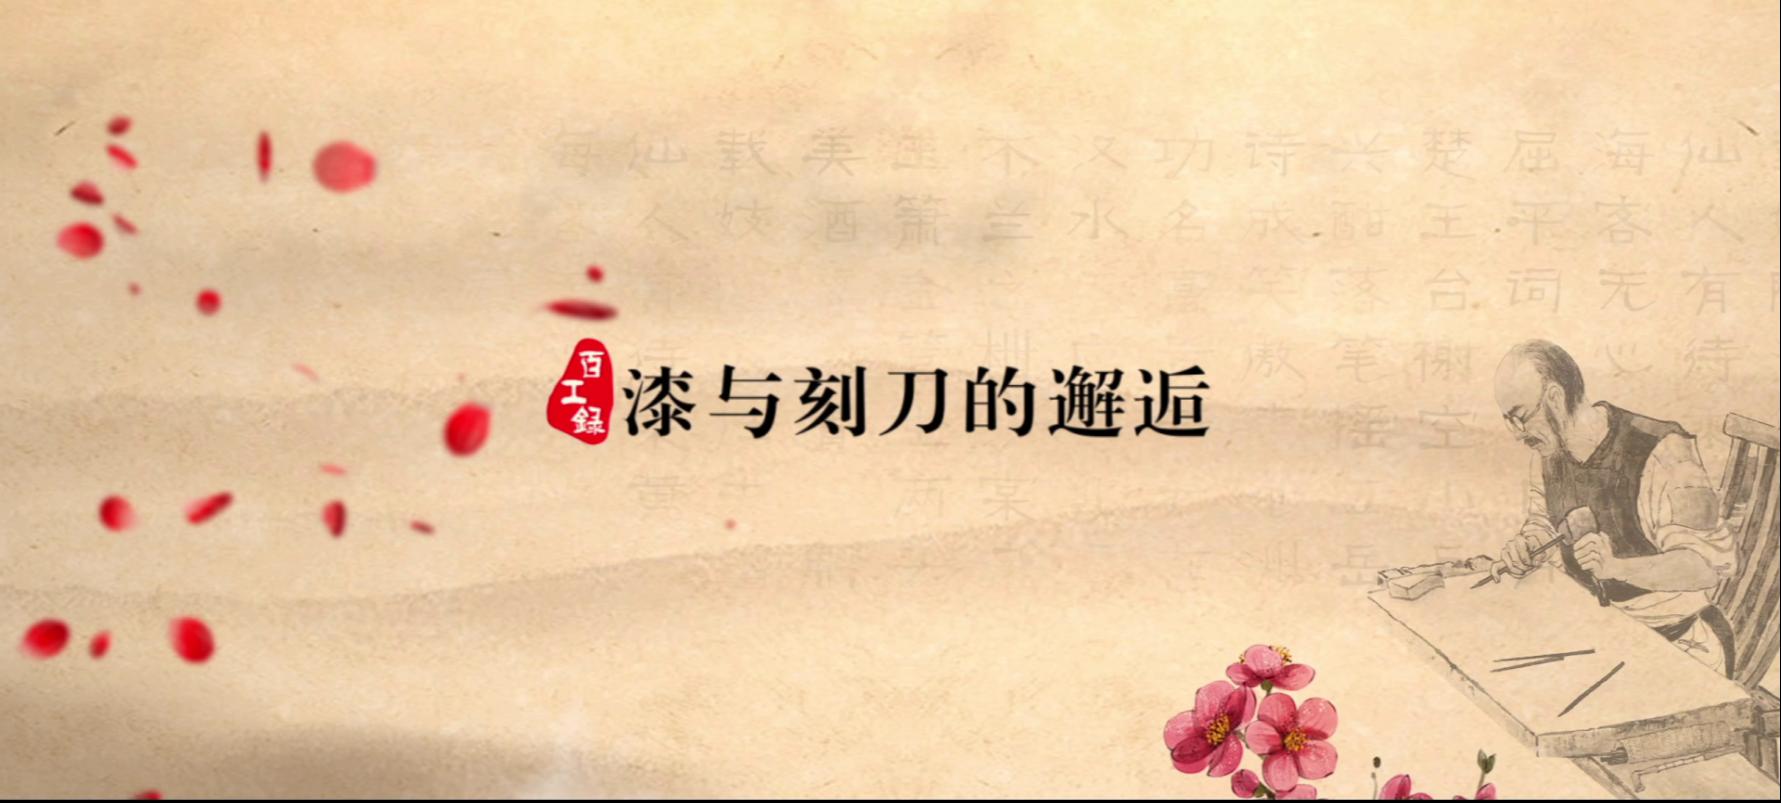 第1集 北京雕漆工艺